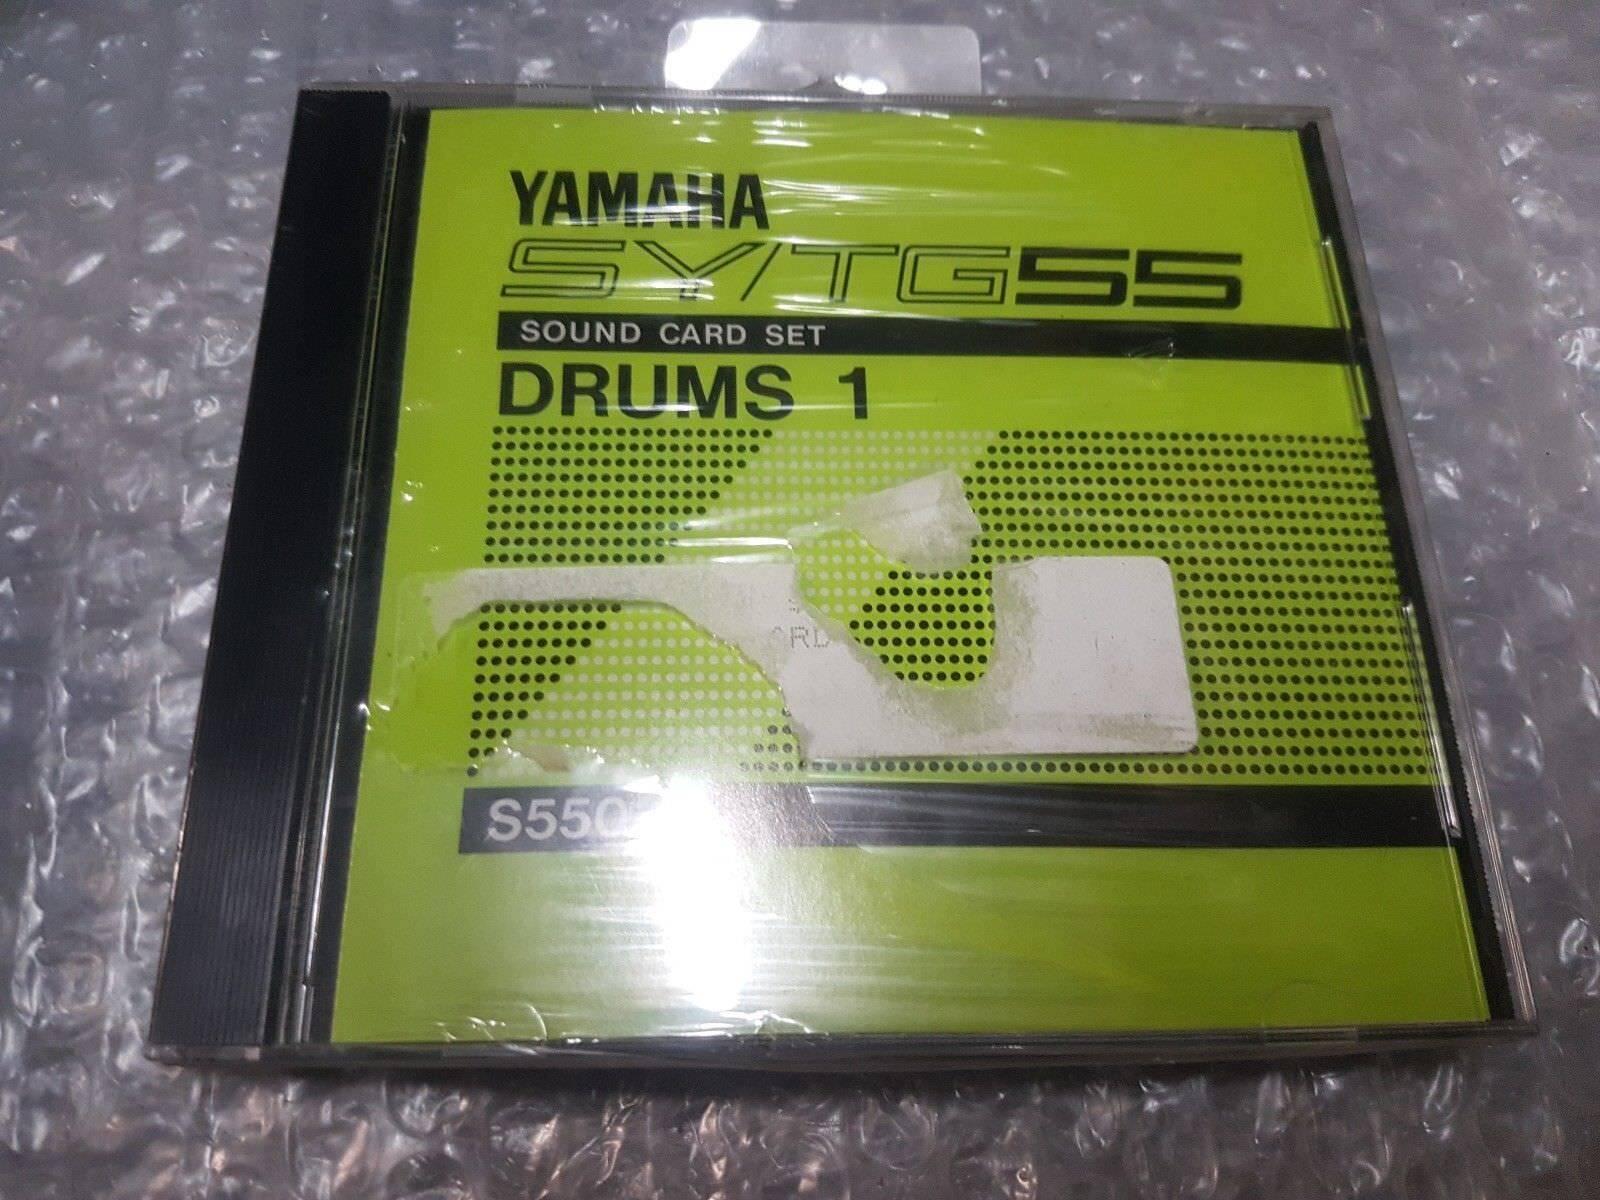 Yamaha Yamaha Yamaha sy tg 55 card set-drums 1-New Old Stock 67e078